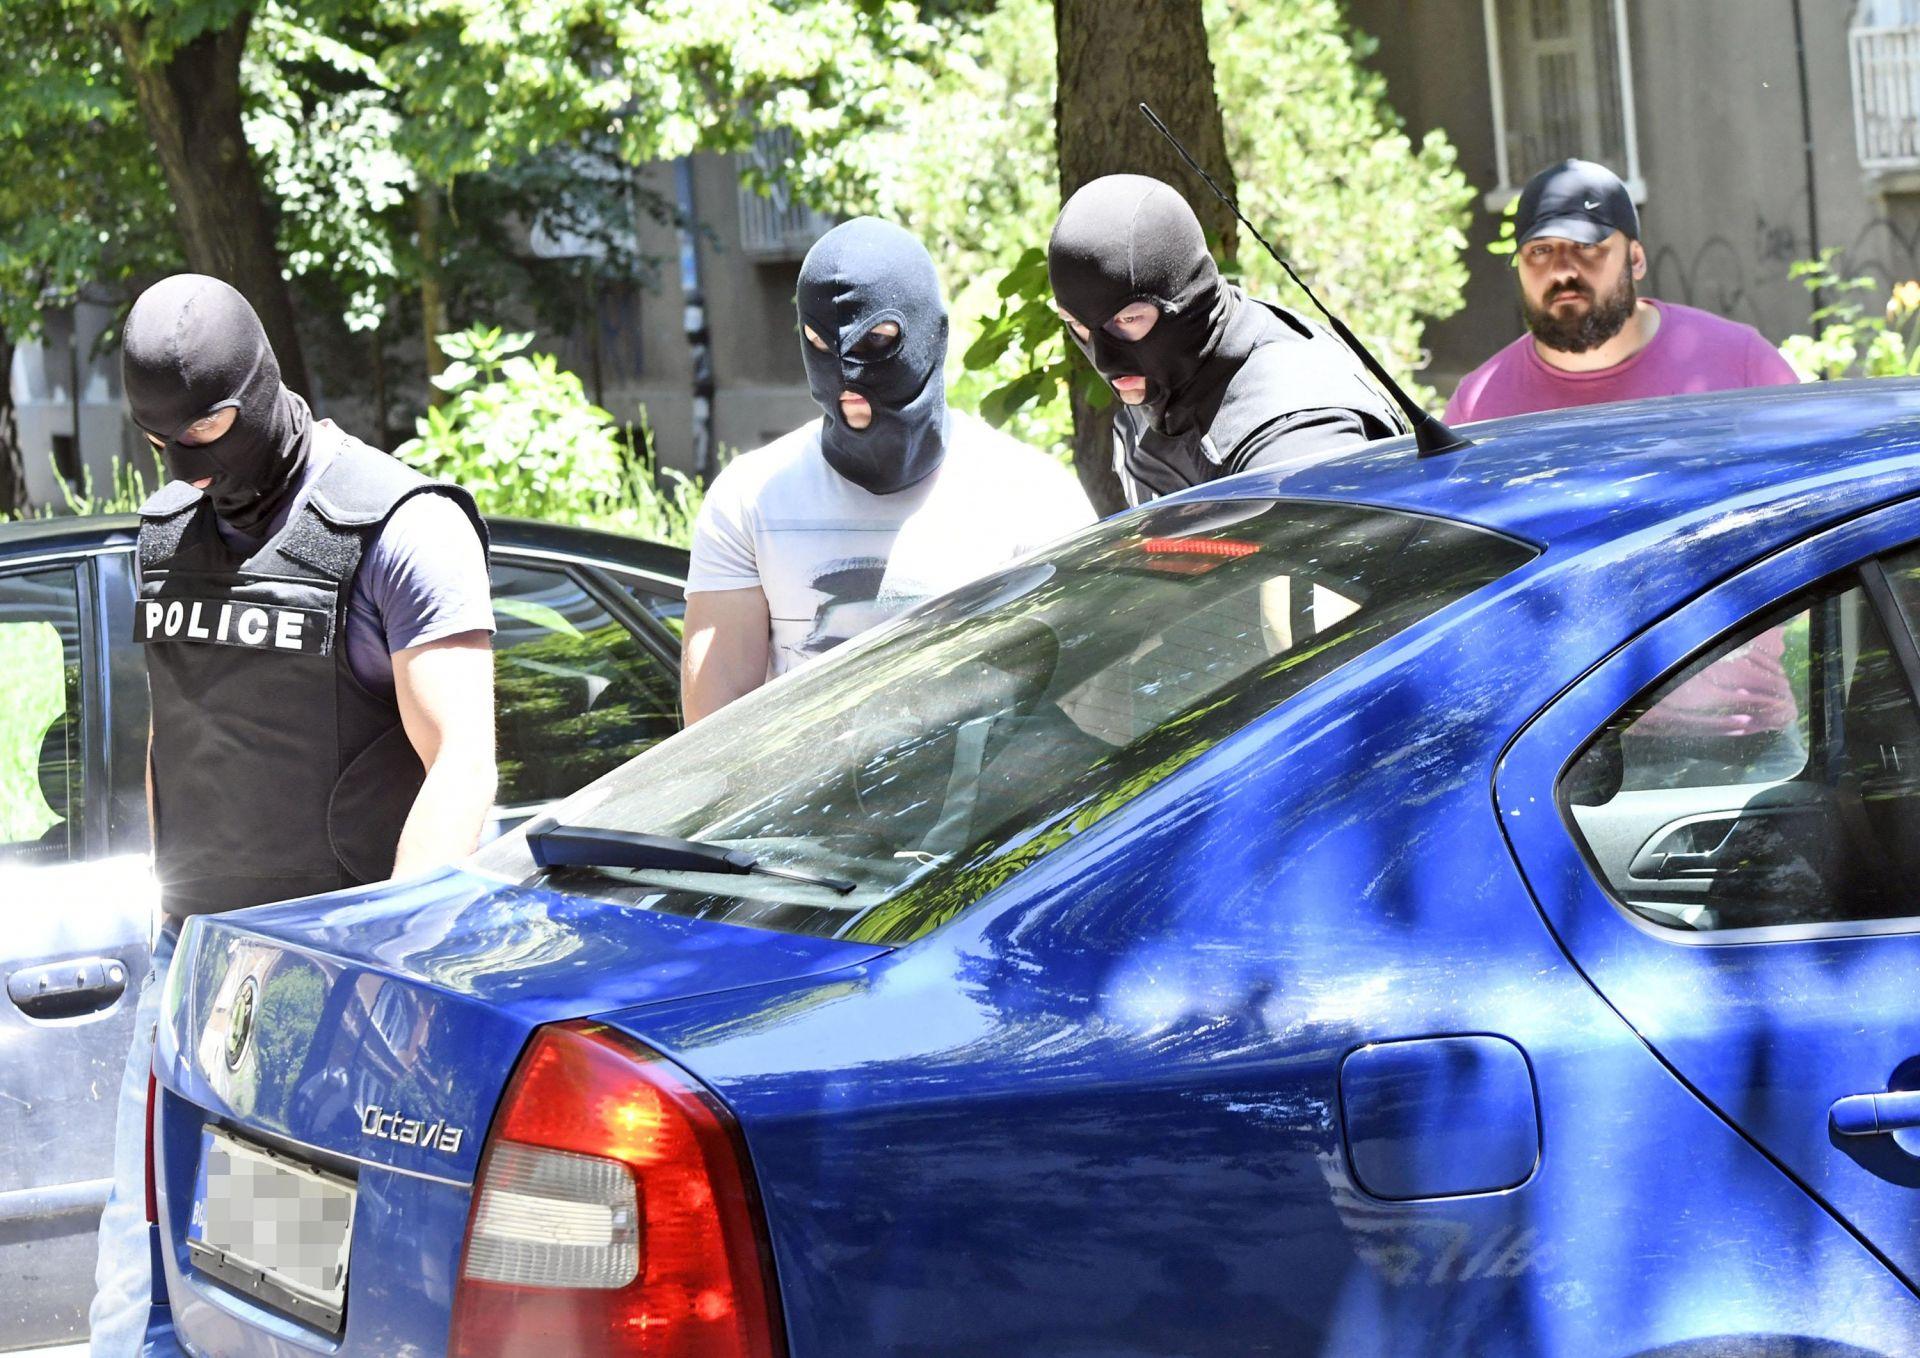 Задържаха двама полицаи за разпространение на наркотици в София Задържаха двама полицаи за разпространение на наркотици в София